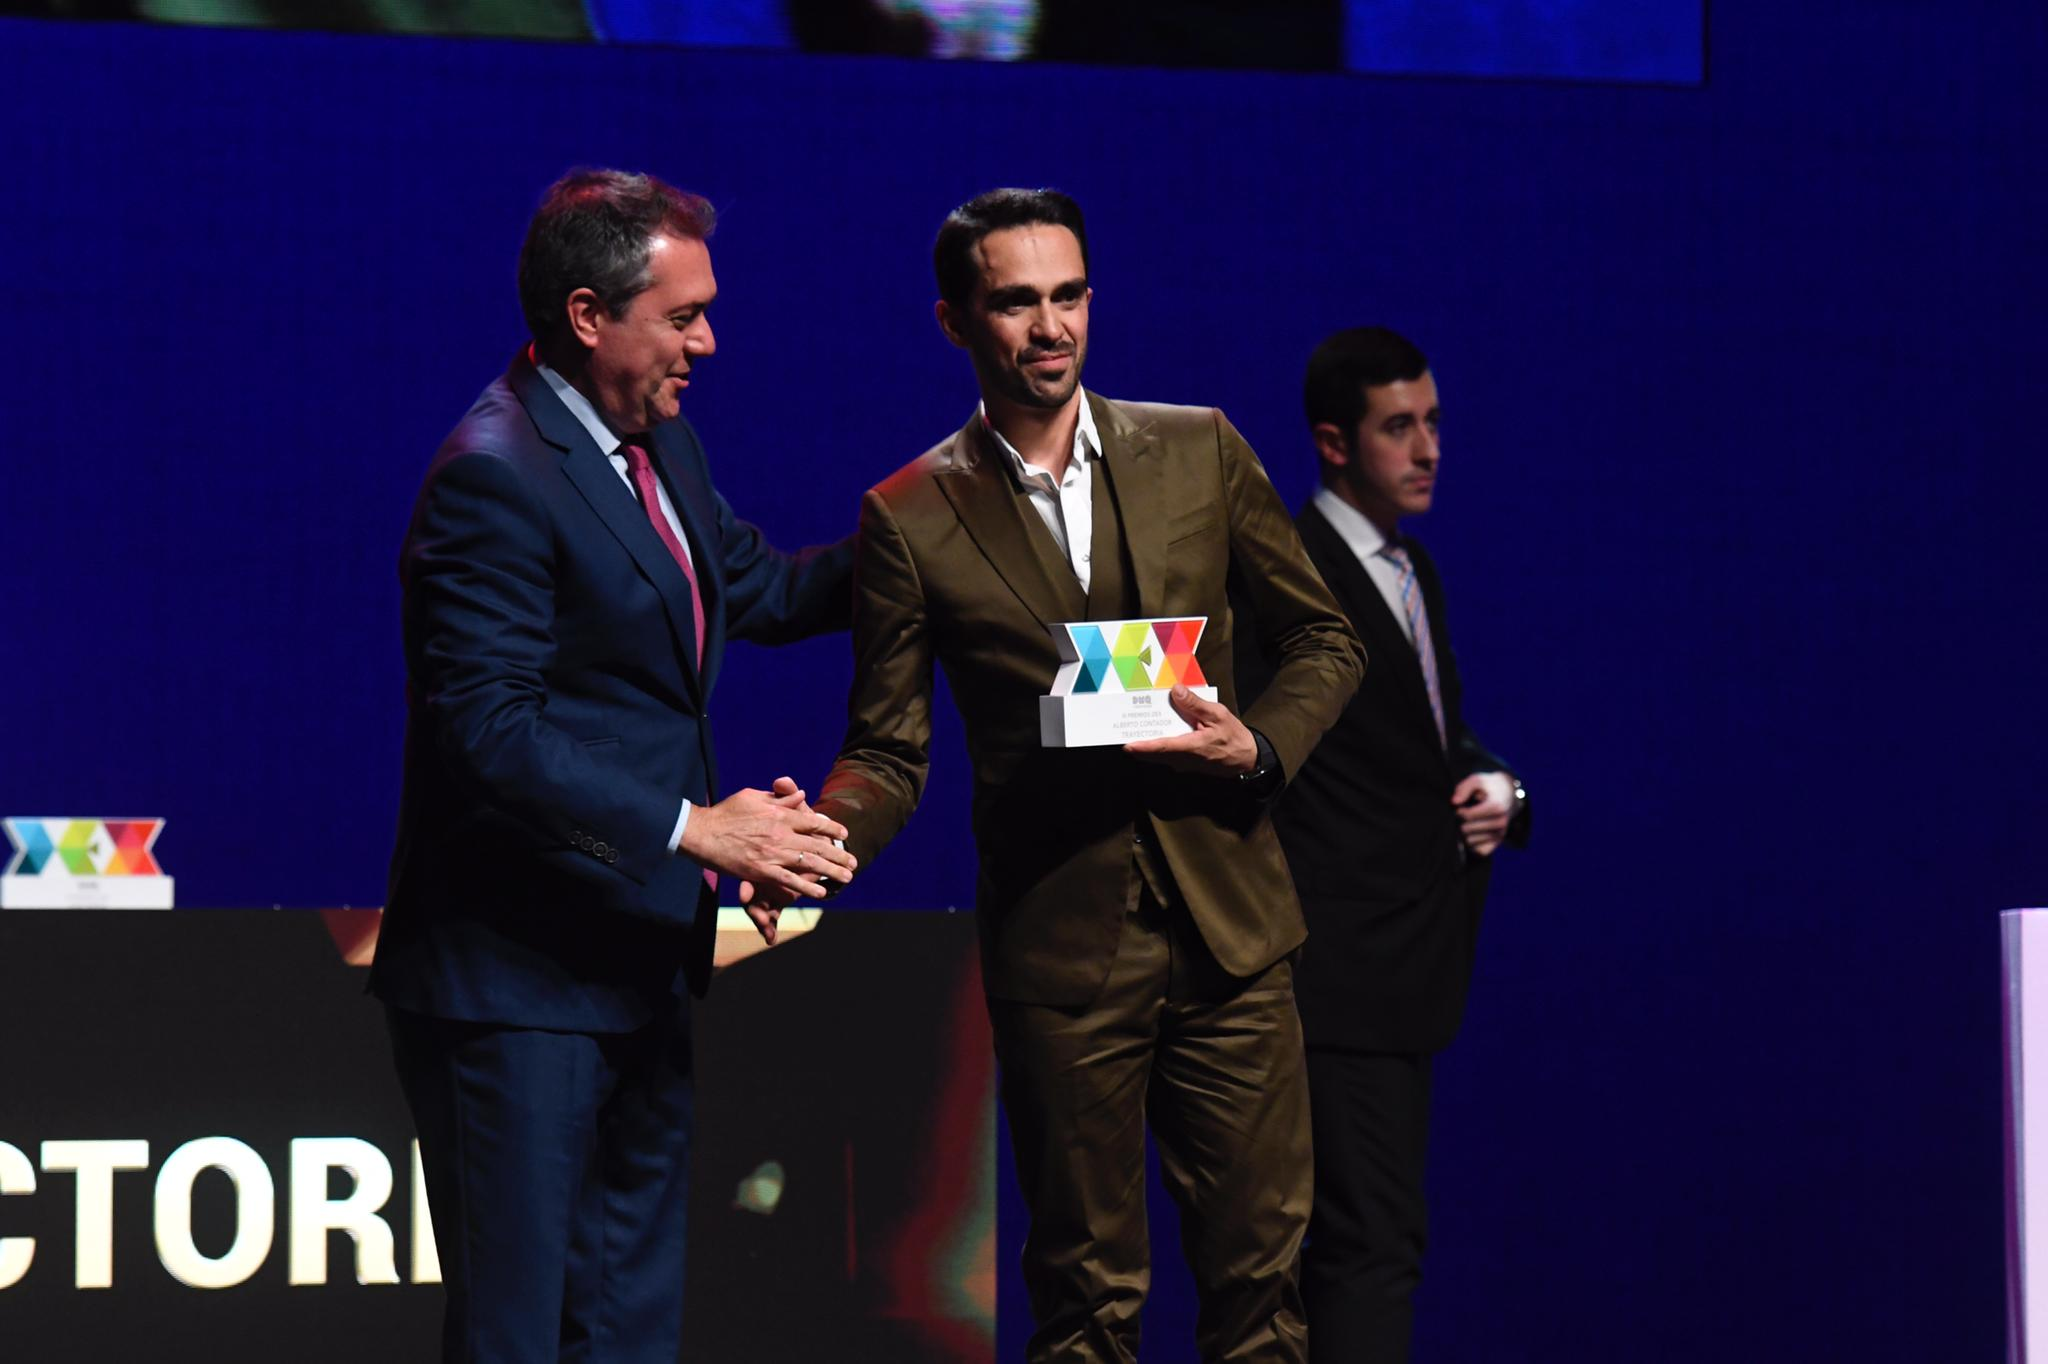 Contador recoge su Premio DEX Trayectoria de la mano del alcalde Juan Espadas.